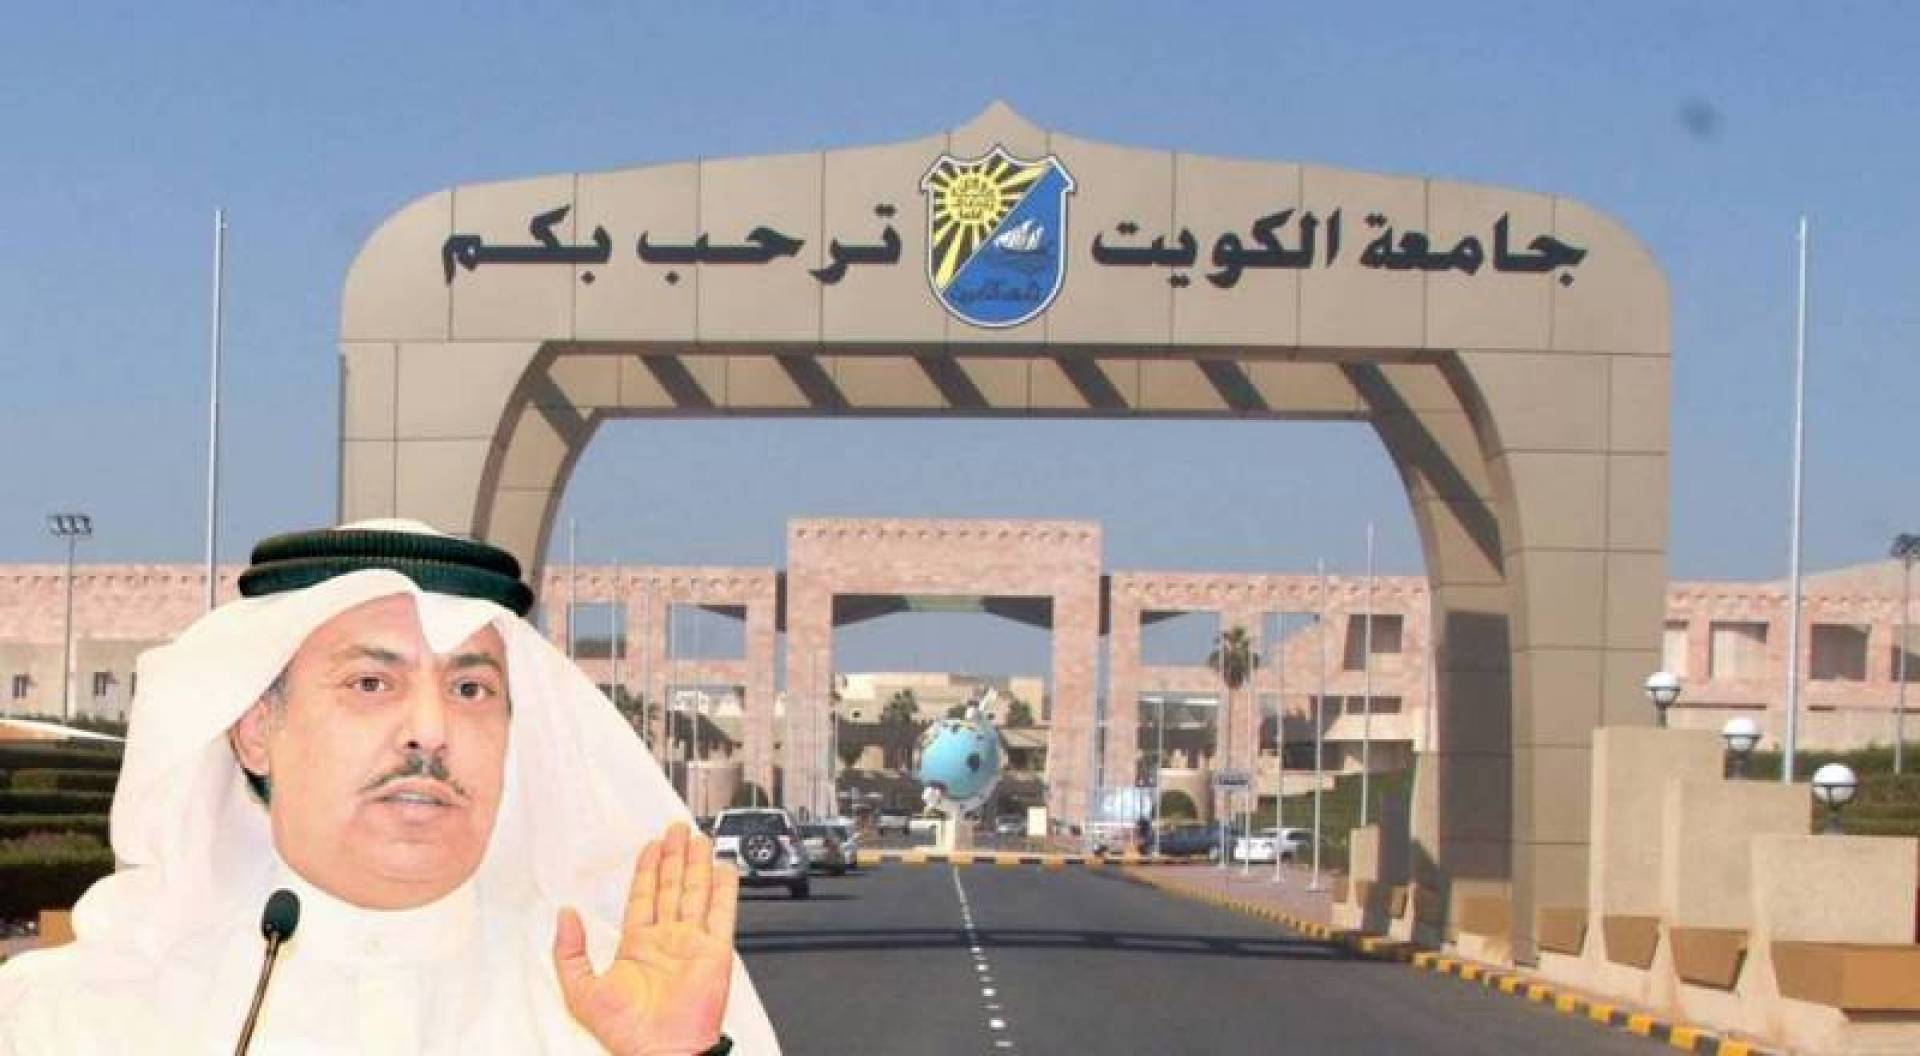 مدير جامعة الكويت لـ «القبس»: حصر الأساتذة الموجودين بالخارج لمعاقبتهم